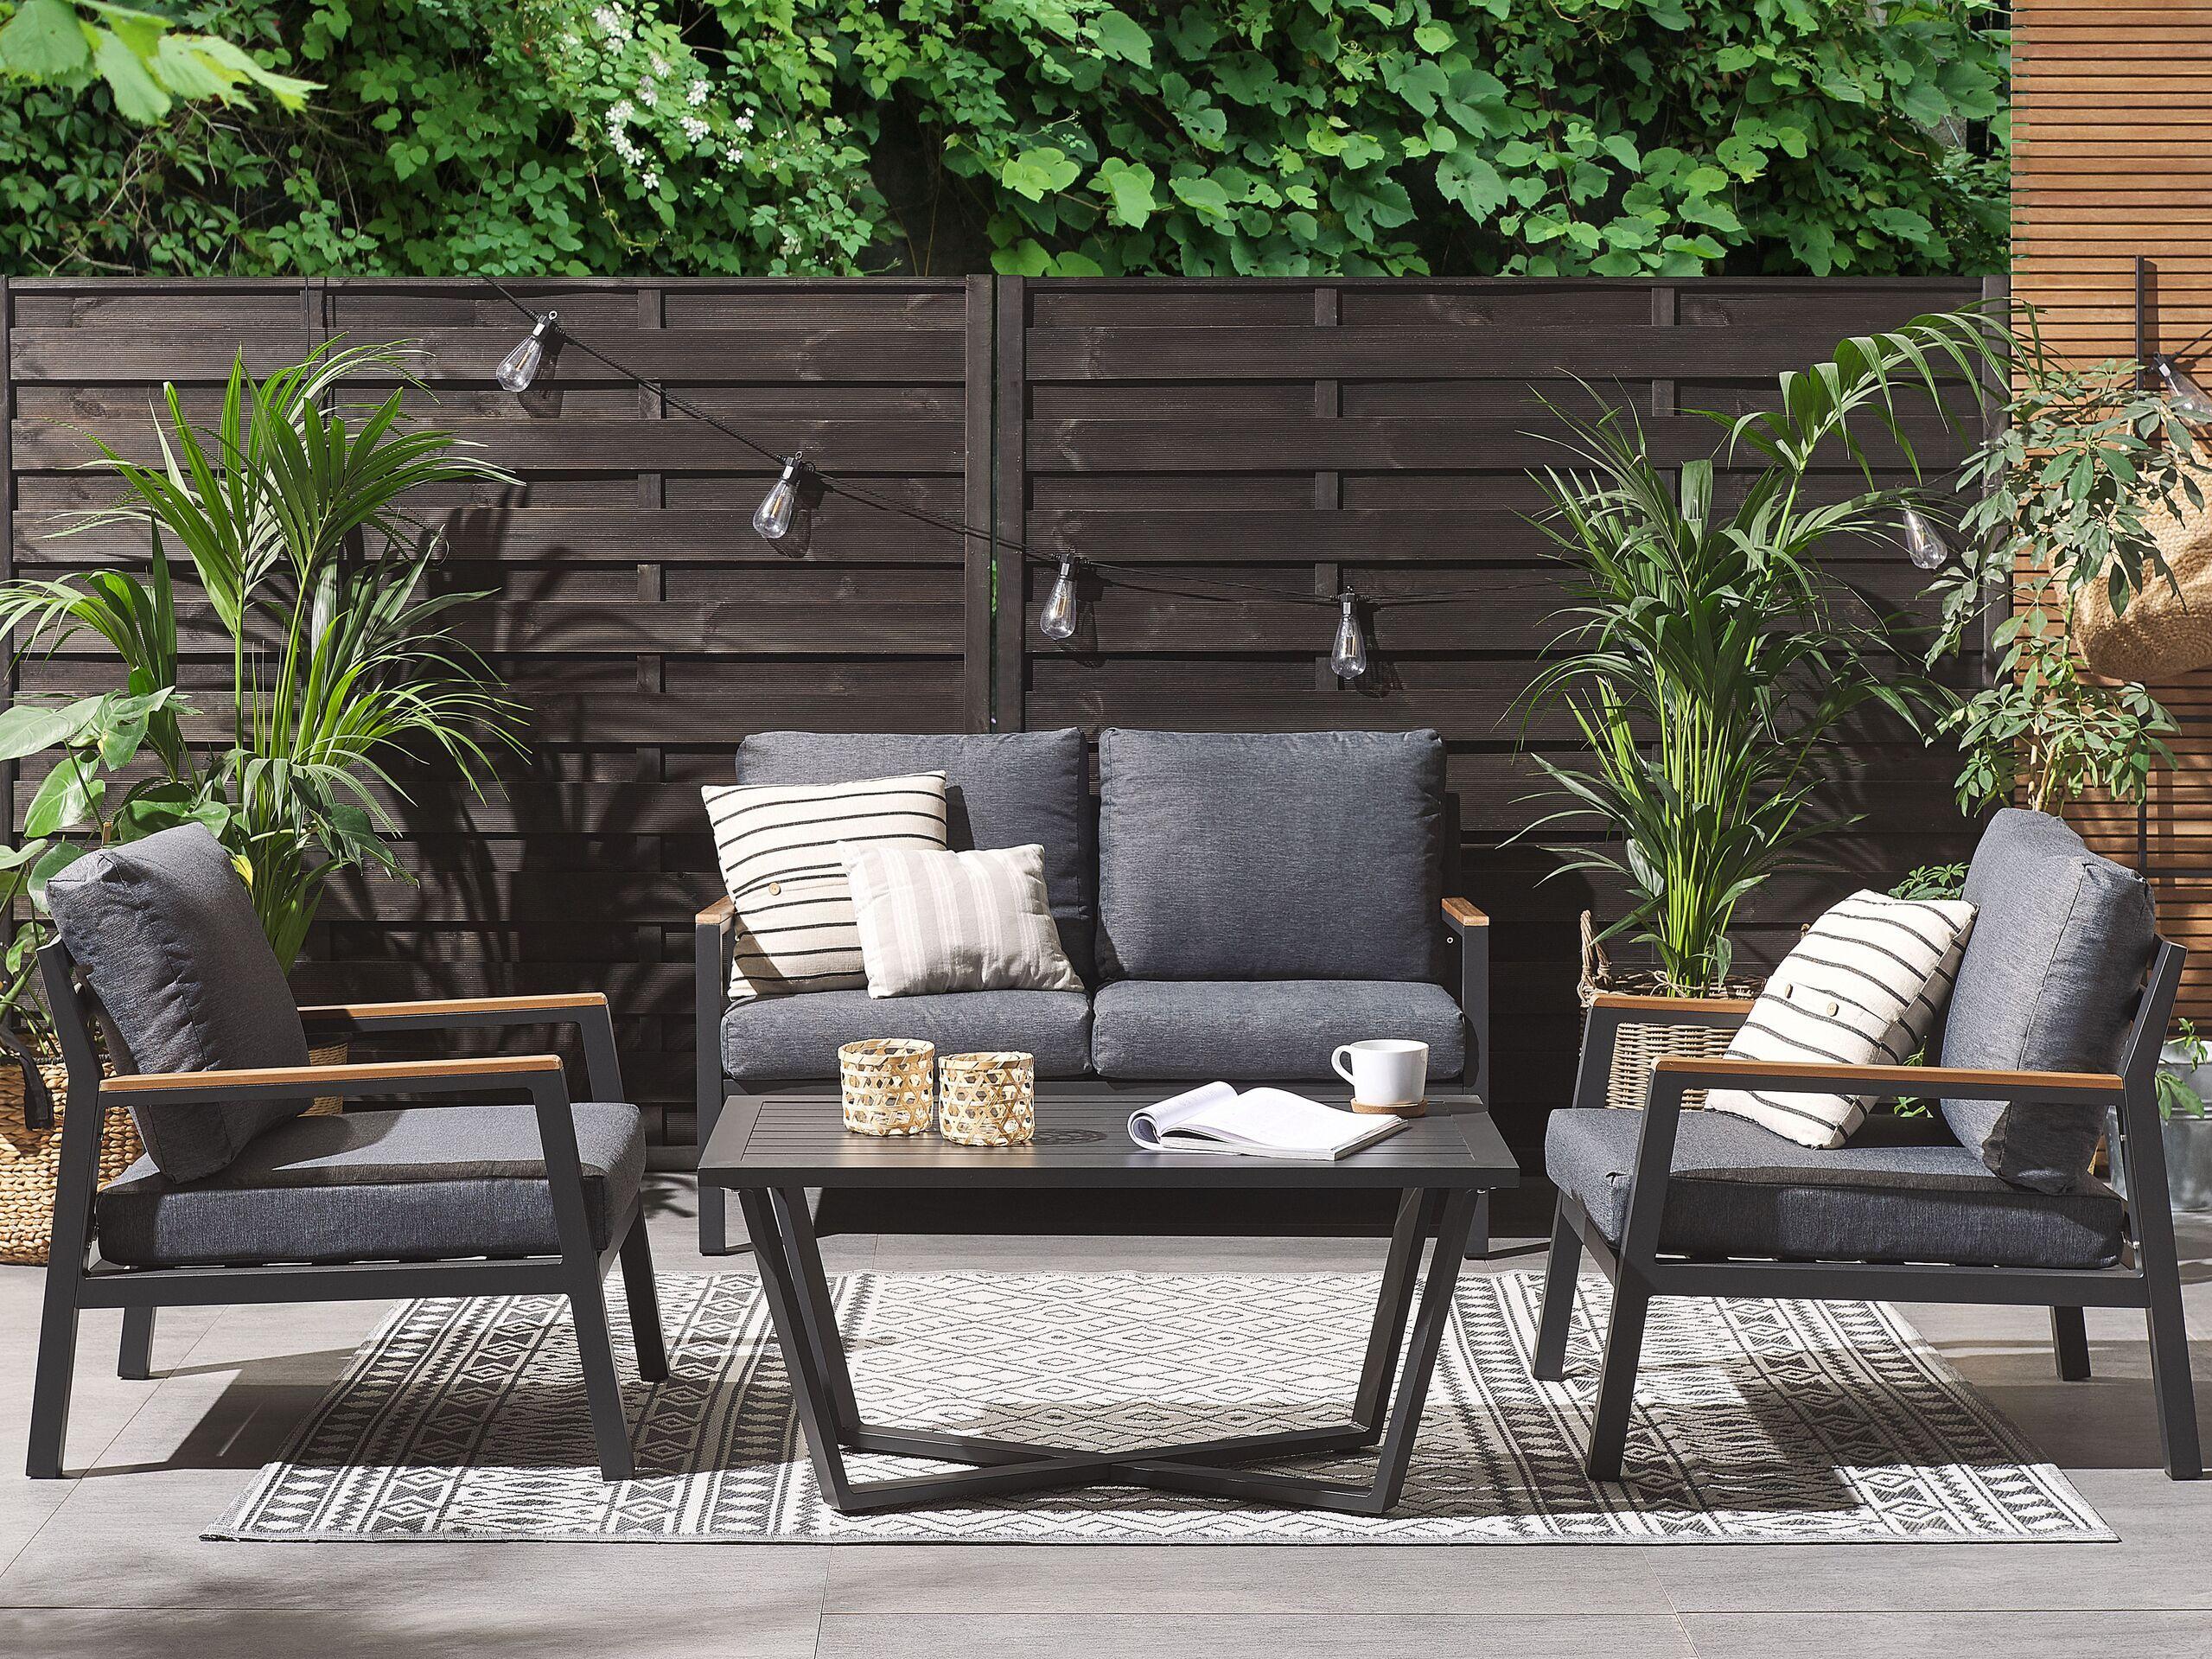 beliani set salotto da giardino moderno con 4 posti in alluminio colore grigio e nero